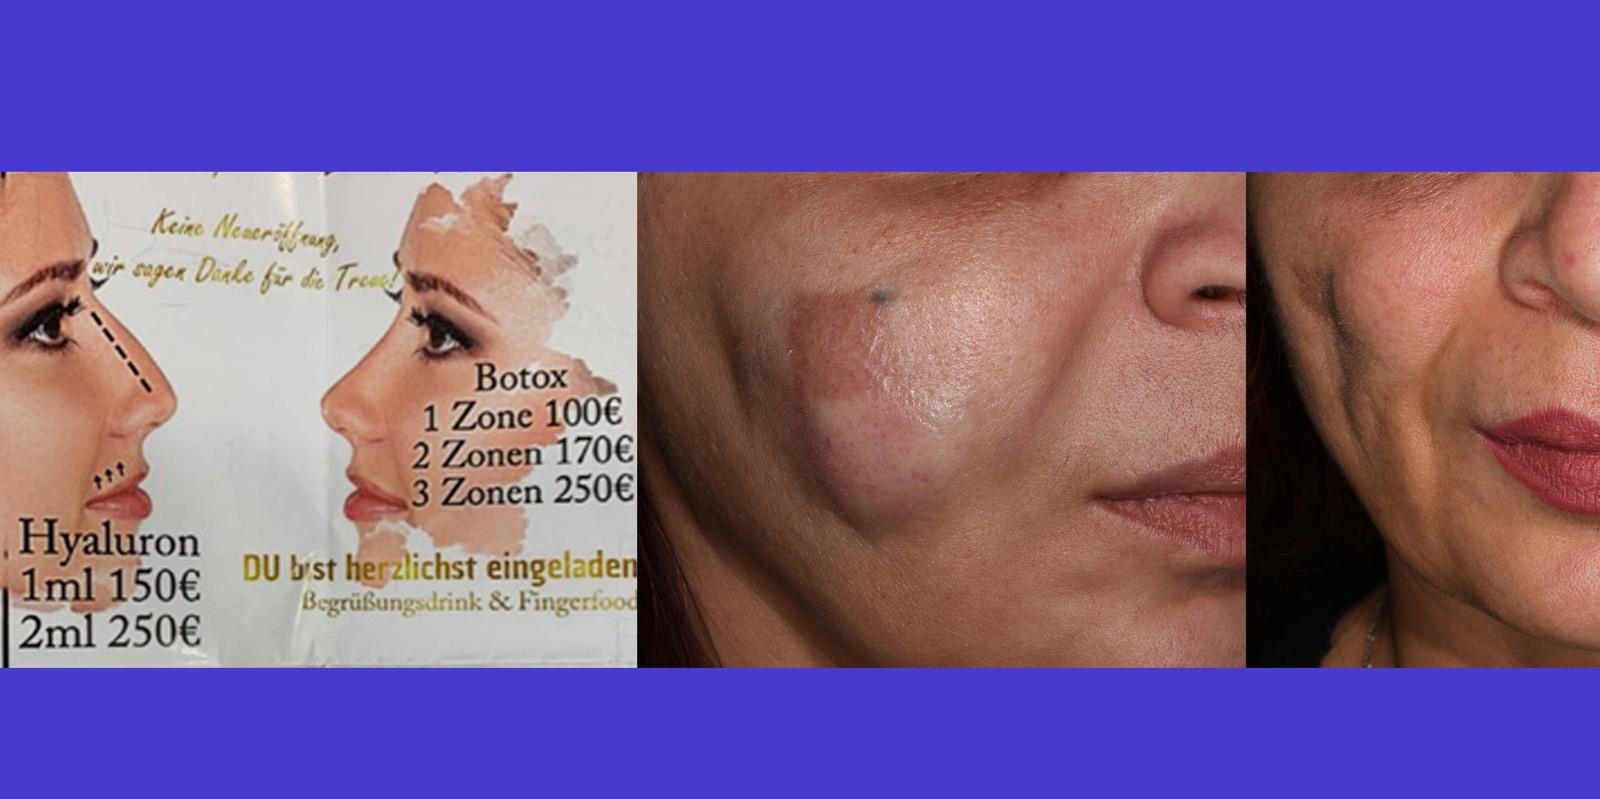 Botox, Filler Und Hyaluron-Pen Behandlungen Durch Kosmetiker Sind ILLEGAL & GEFÄHRLICH! Sarina Haddid Und Weitere Geschädigte Klagen An